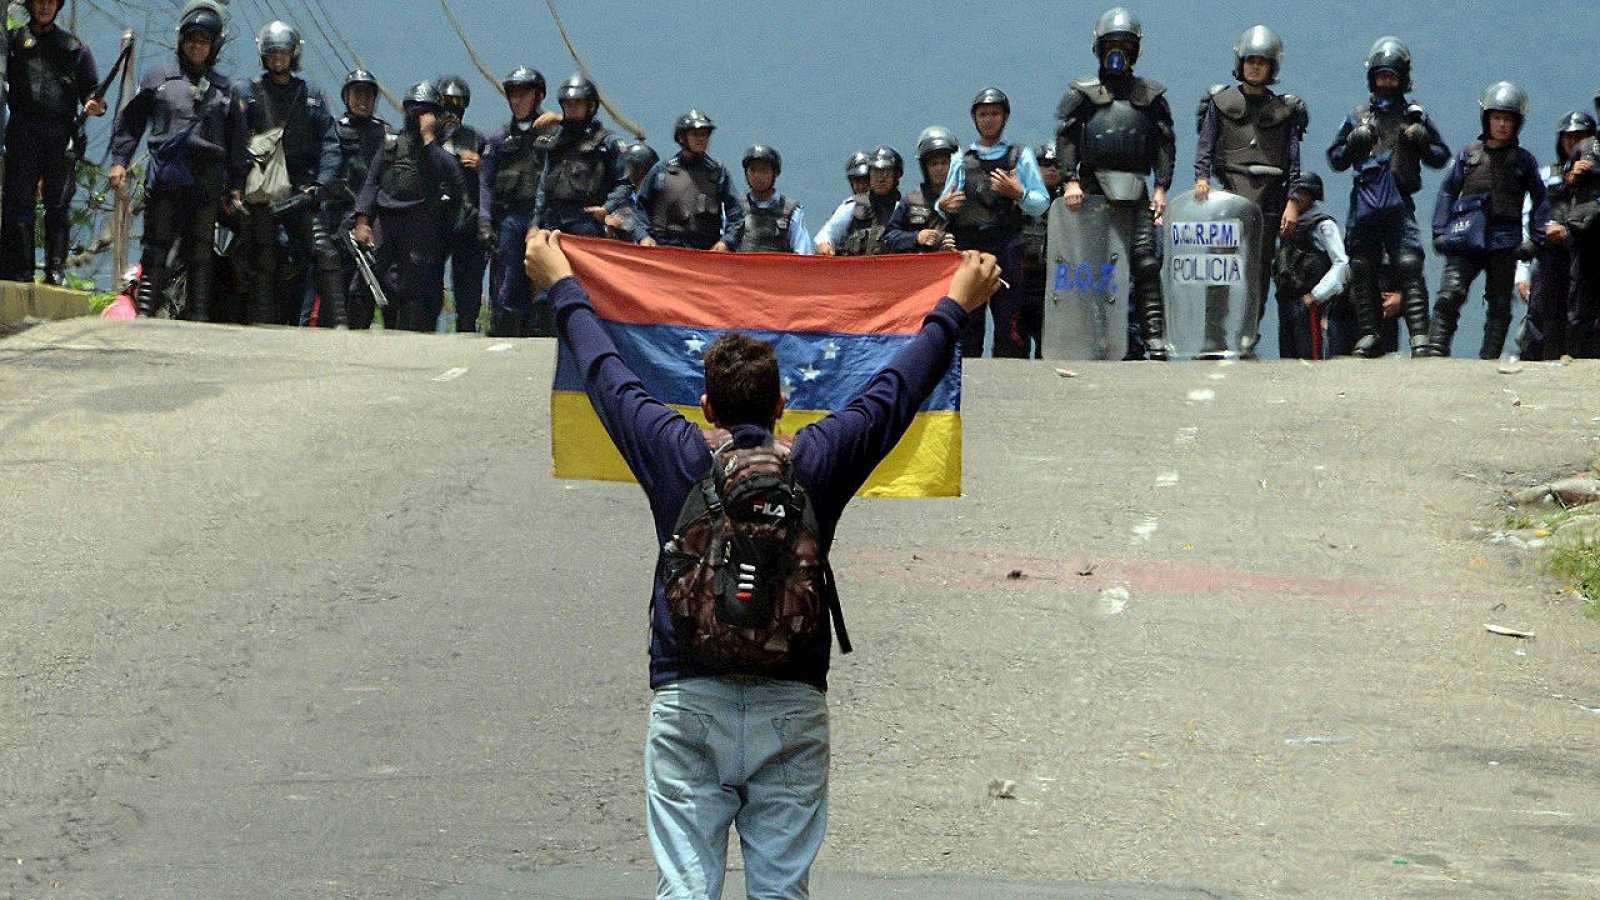 Opositores al gobierno de Nicolás Maduro durante una manifestación en San Cristóbal, Venezuela. AFP PHOTO / George Castellanos